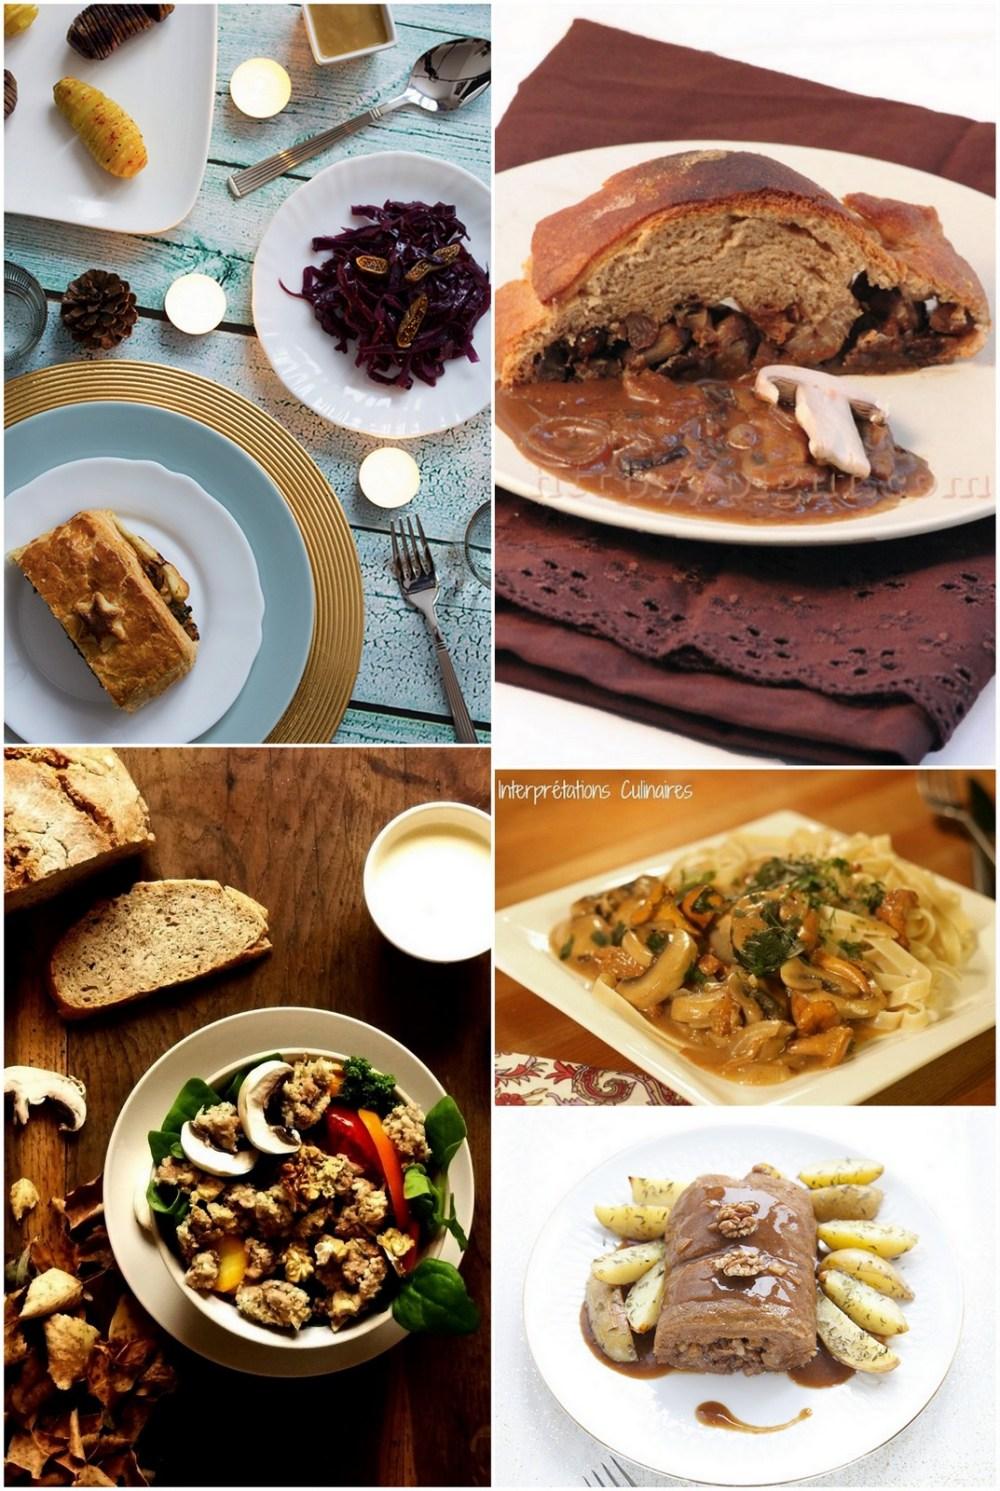 50 recettes véganes pour les fêtes - Antigone XXI